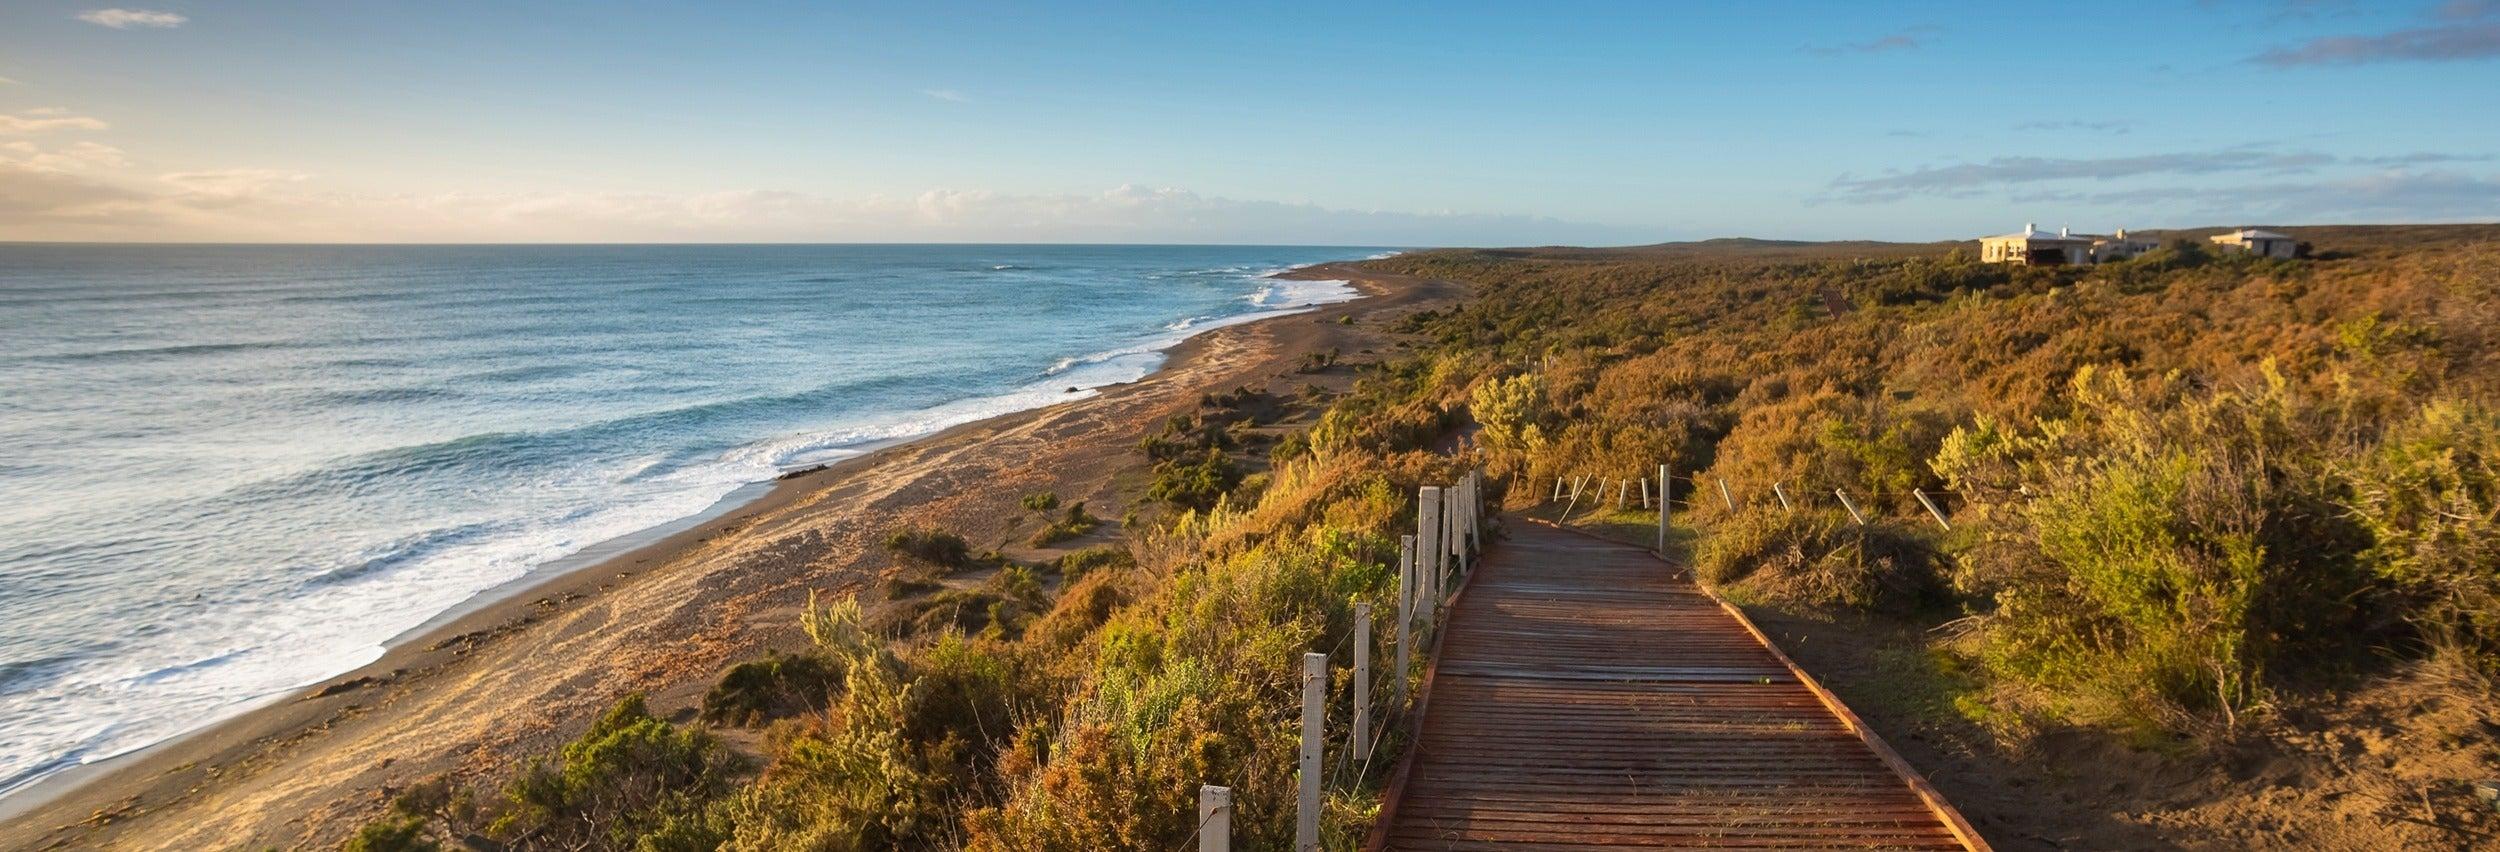 Excursão ao norte da Península Valdés